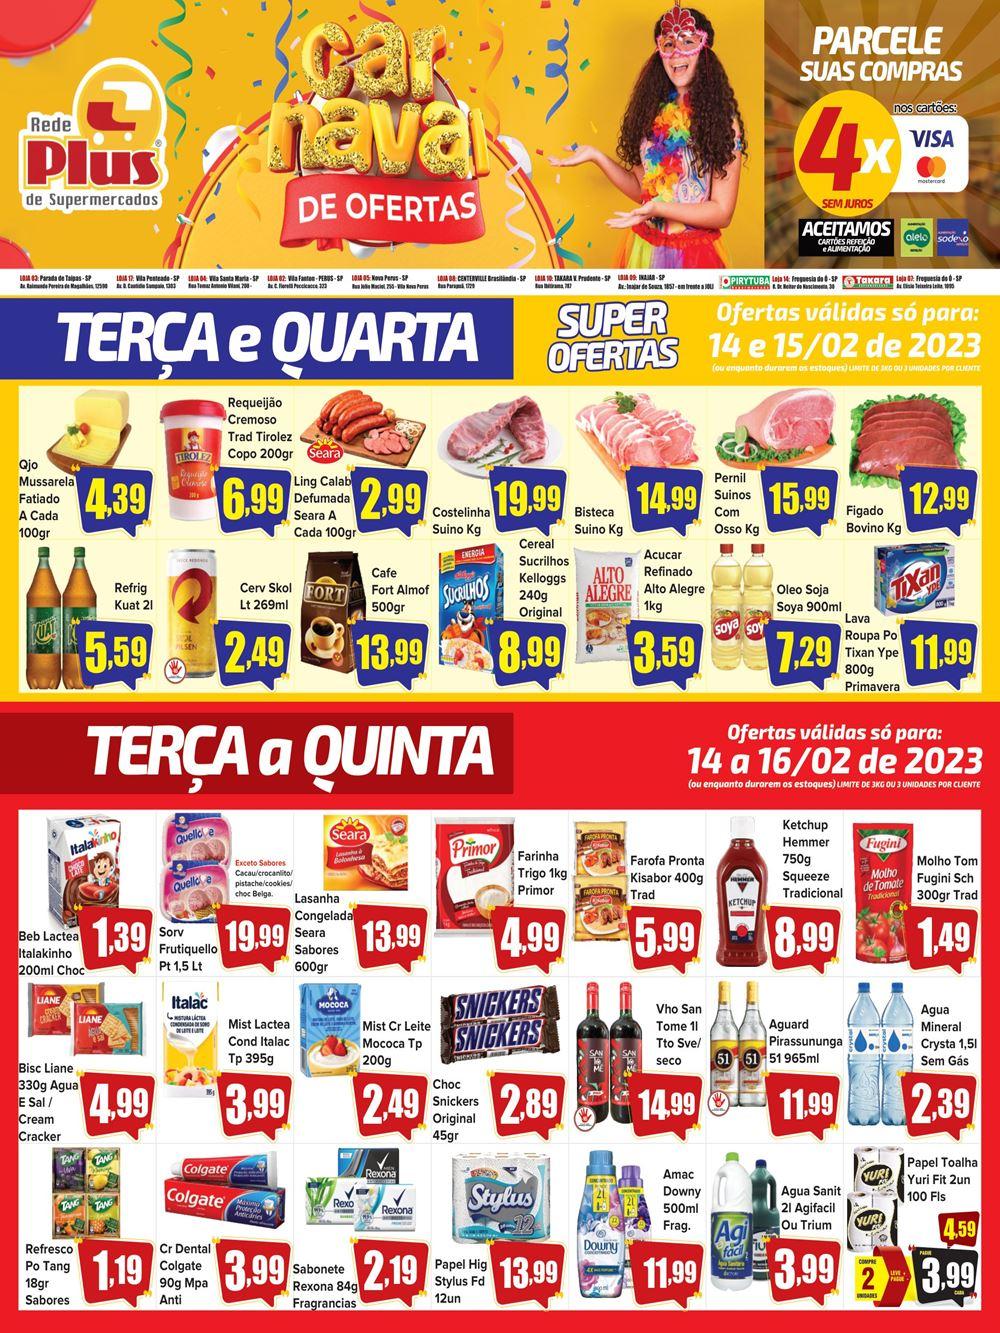 redeplustakara-ofertas-descontos-hoje1-42 Supermercados